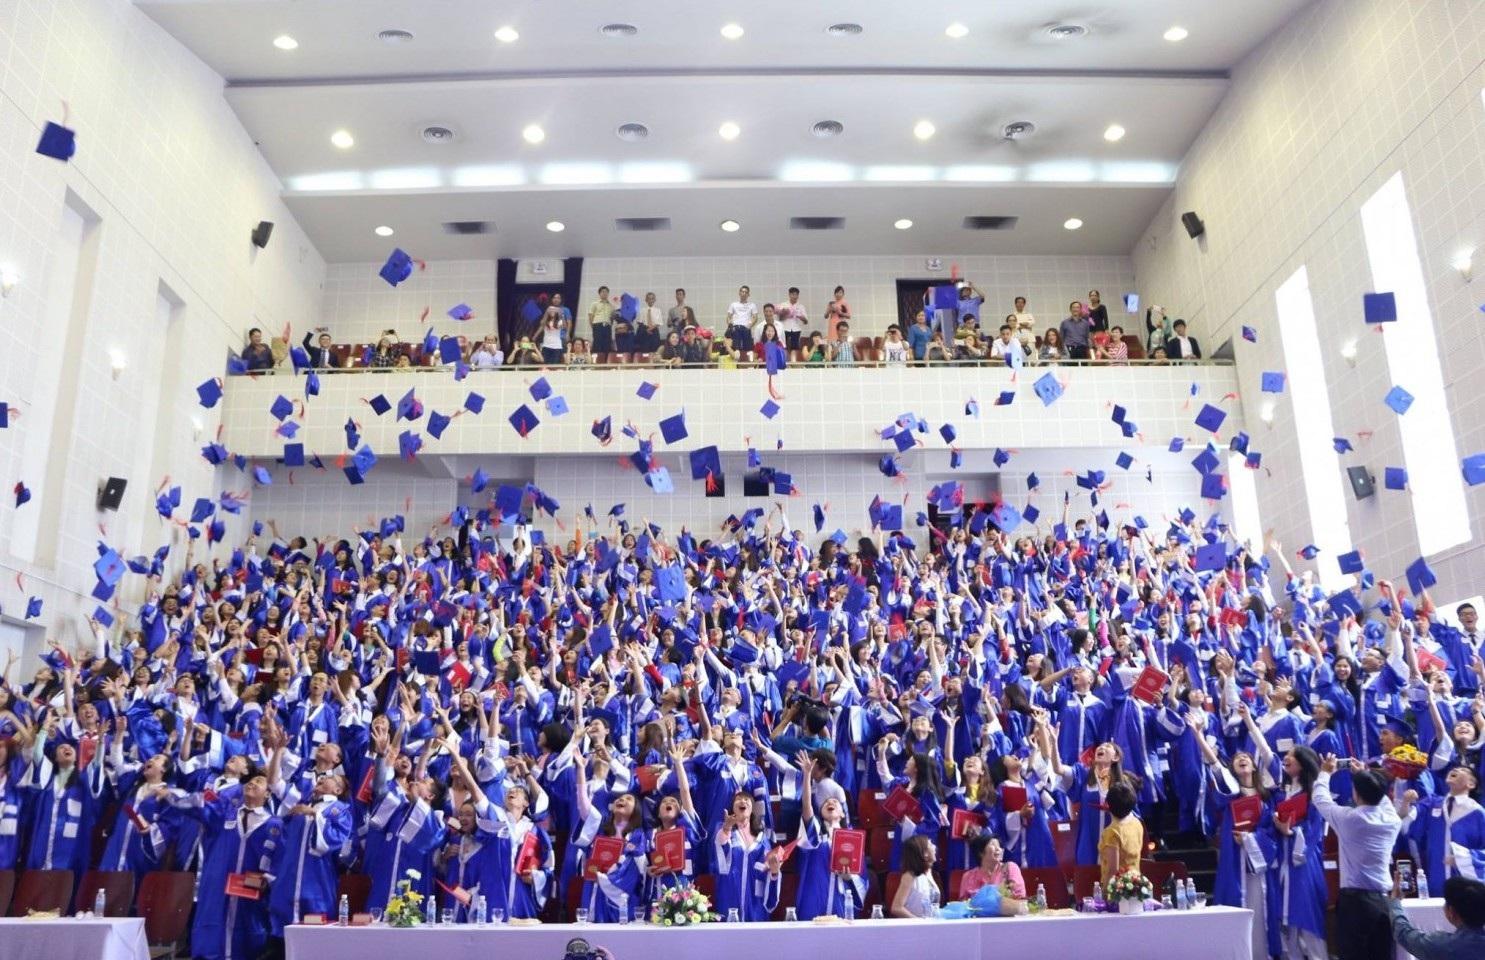 Trường ĐH Ngoại ngữ Tin học TPHCM: Hiệu phó phụ trách ký bằng tốt nghiệp cho sinh viên - Ảnh 1.